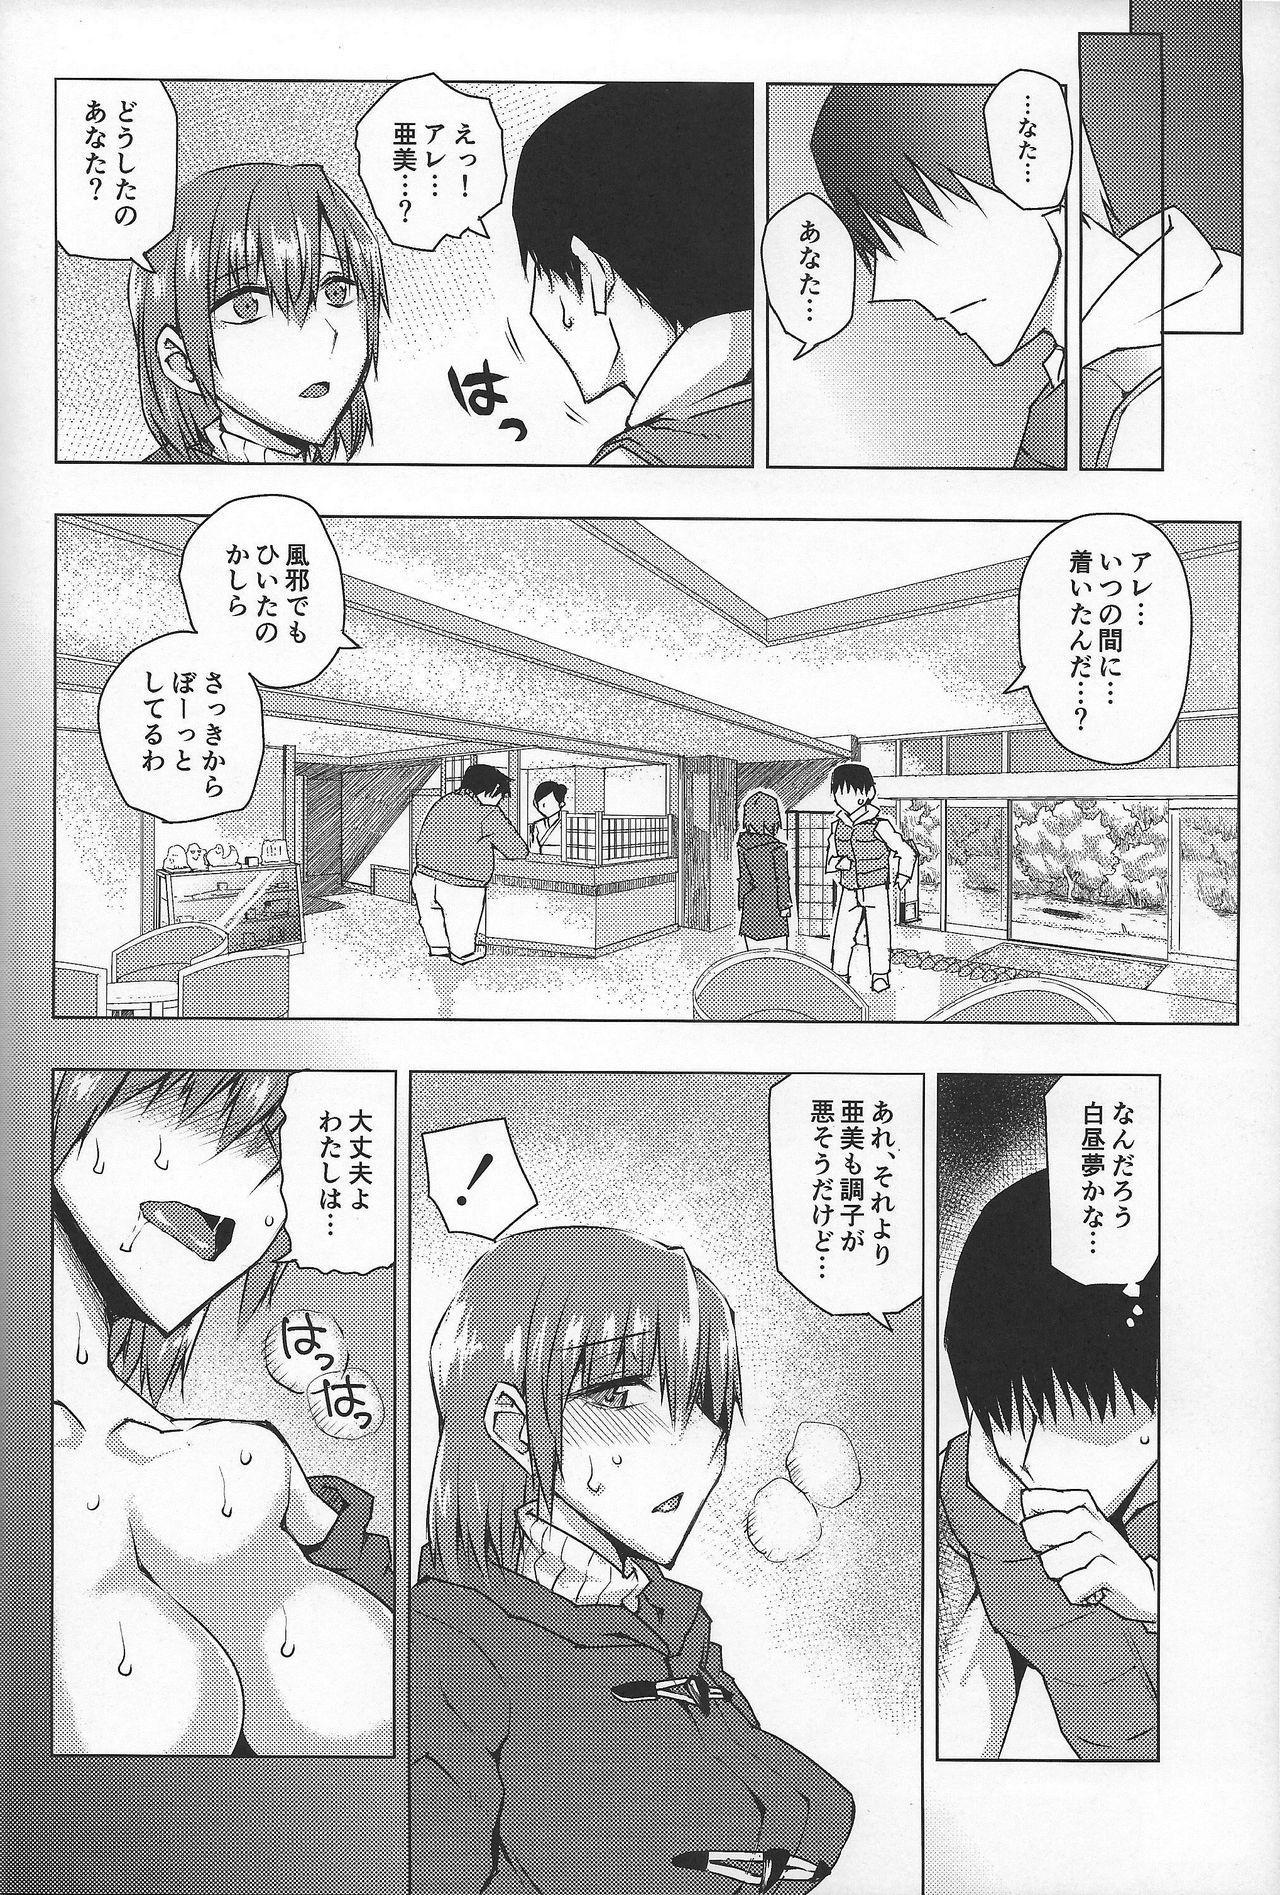 20-Nengo no, Sailor Senshi o Kakyuu Youma no Ore ga Netoru. Kanketsuhen 14